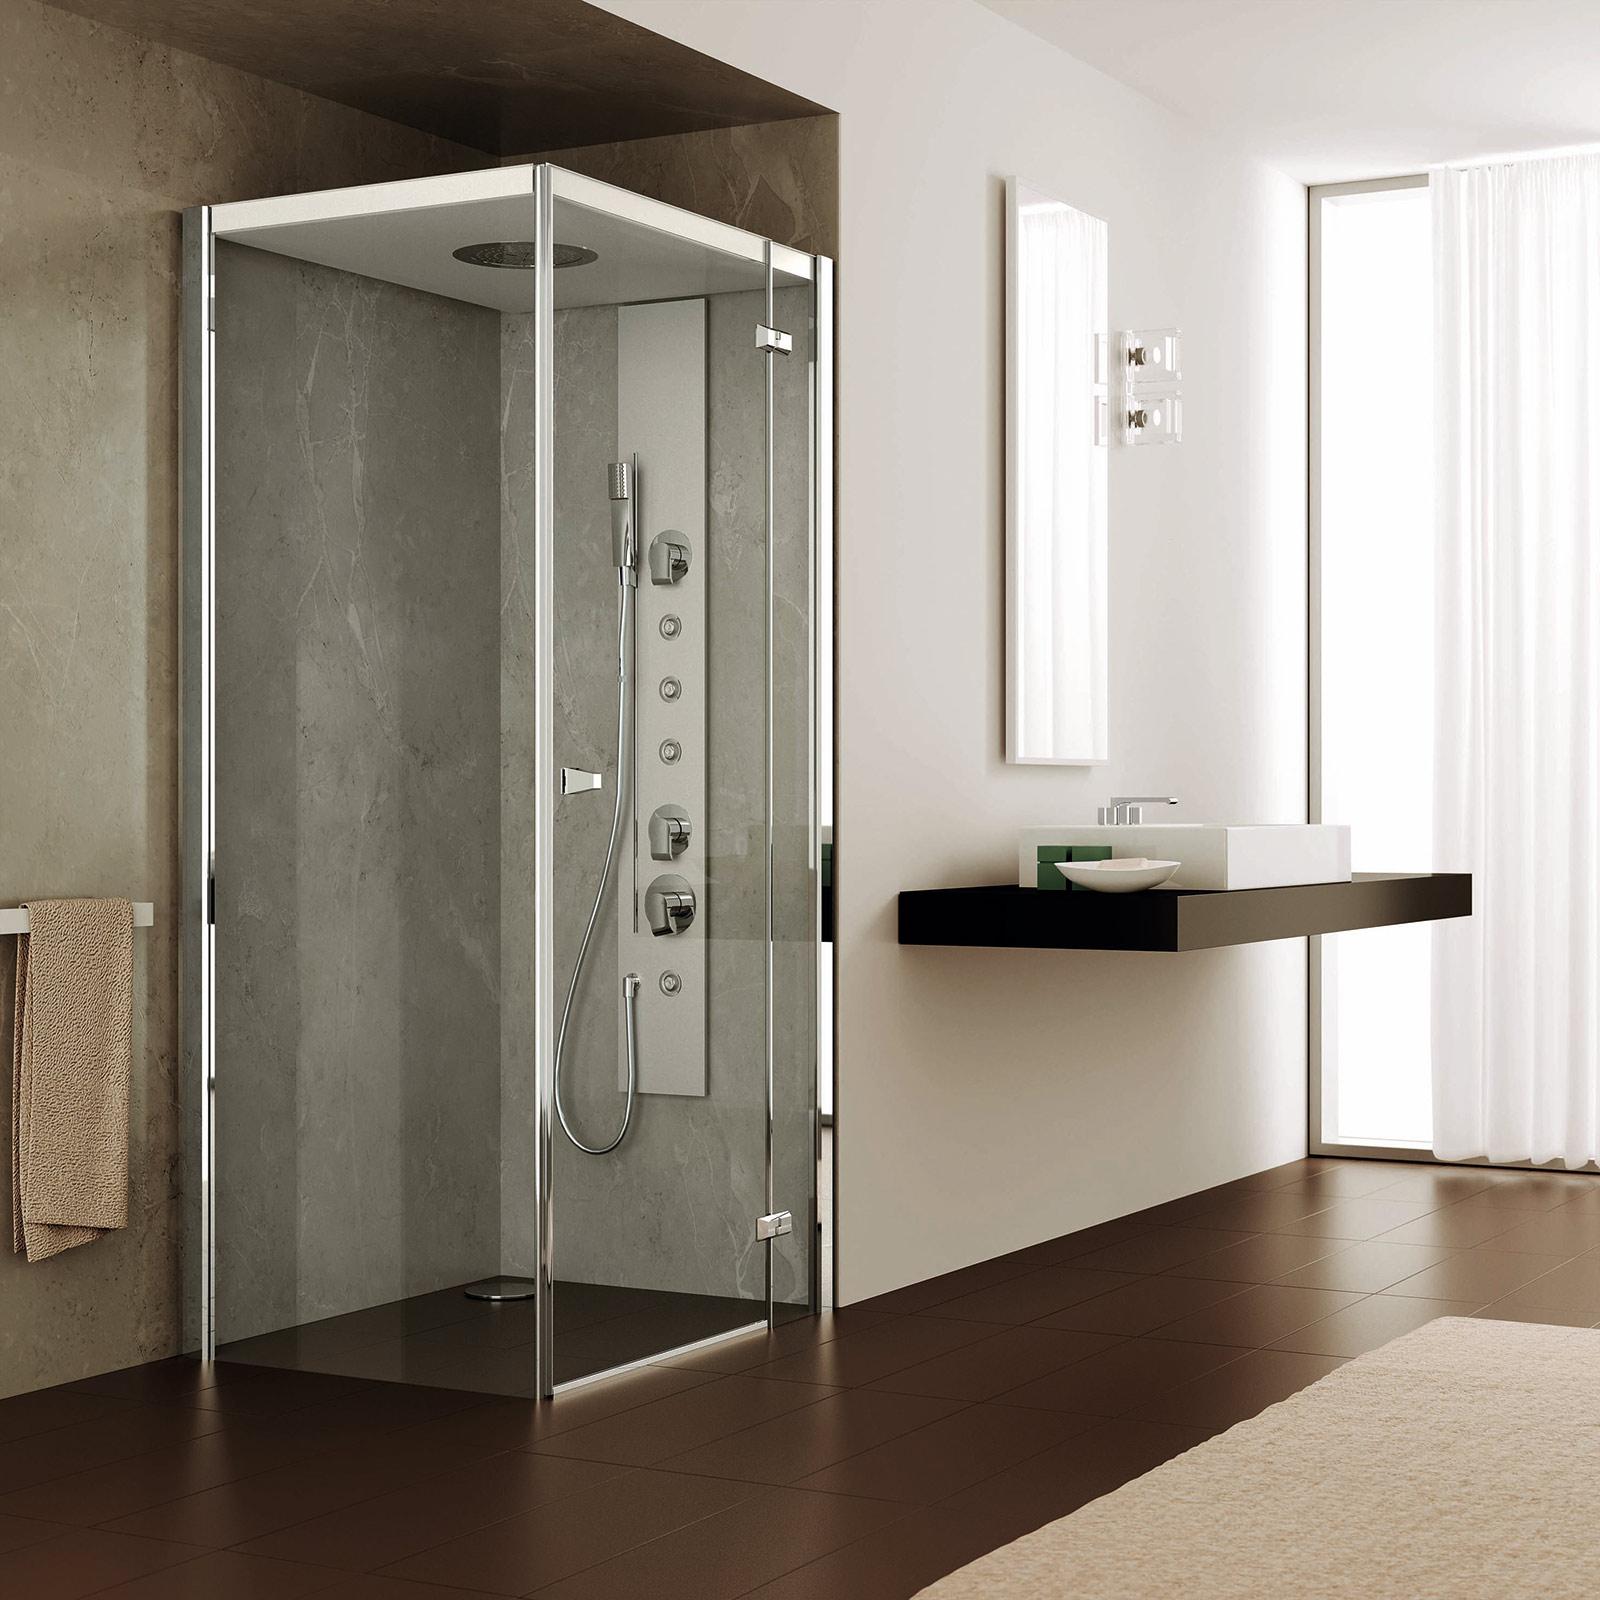 Come costruire un bagno turco nella doccia internet italiano - Tisane per andare in bagno ...